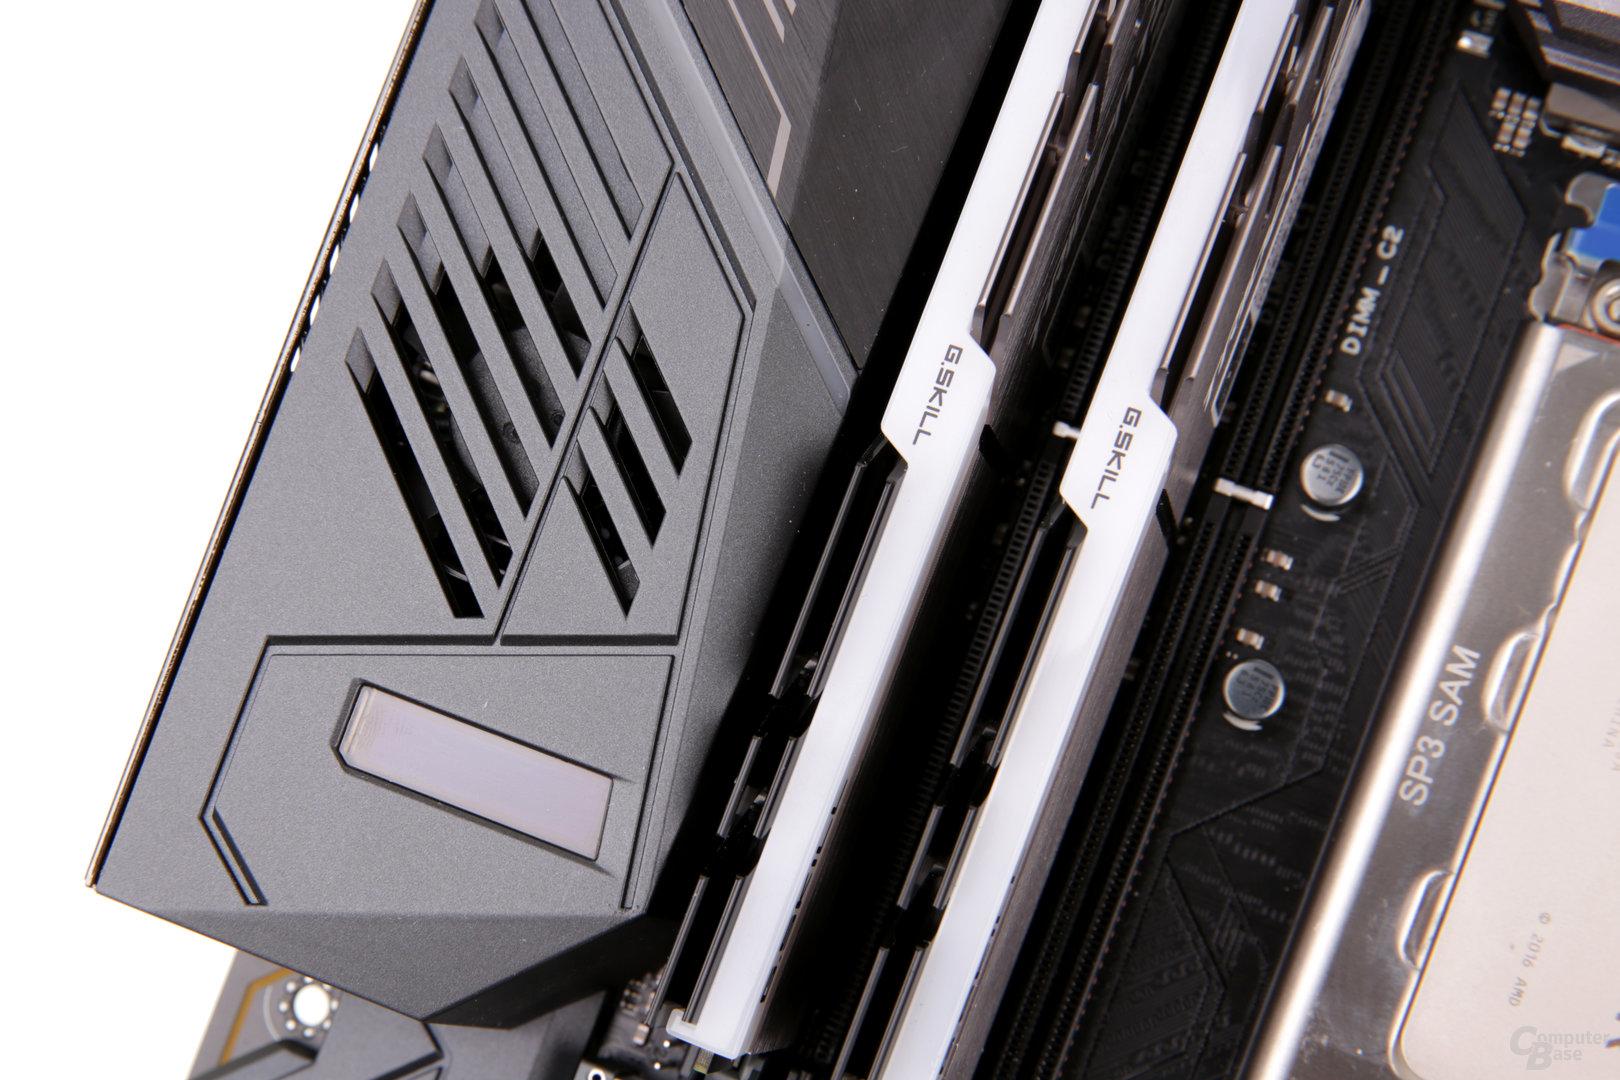 Hinter der Slotblende steckt bei Asus ein 40-mm-Lüfter für die VRM-Kühlung